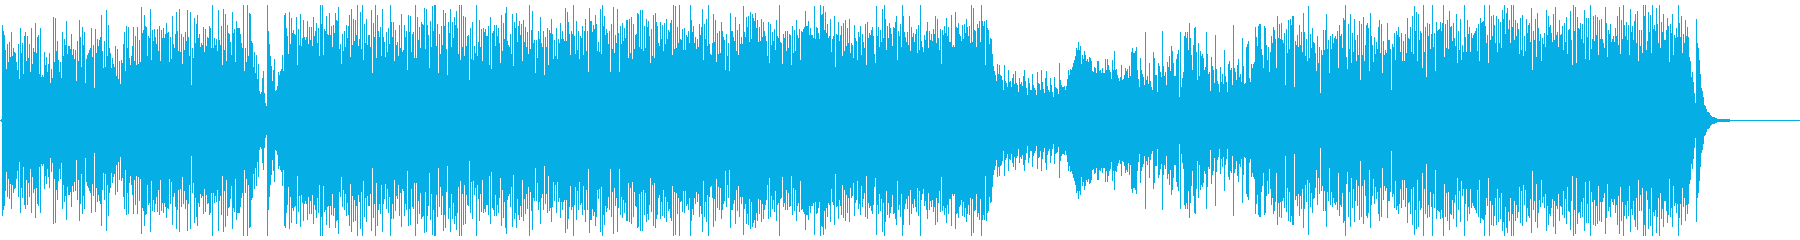 オーケストラでハッピーな曲の再生済みの波形